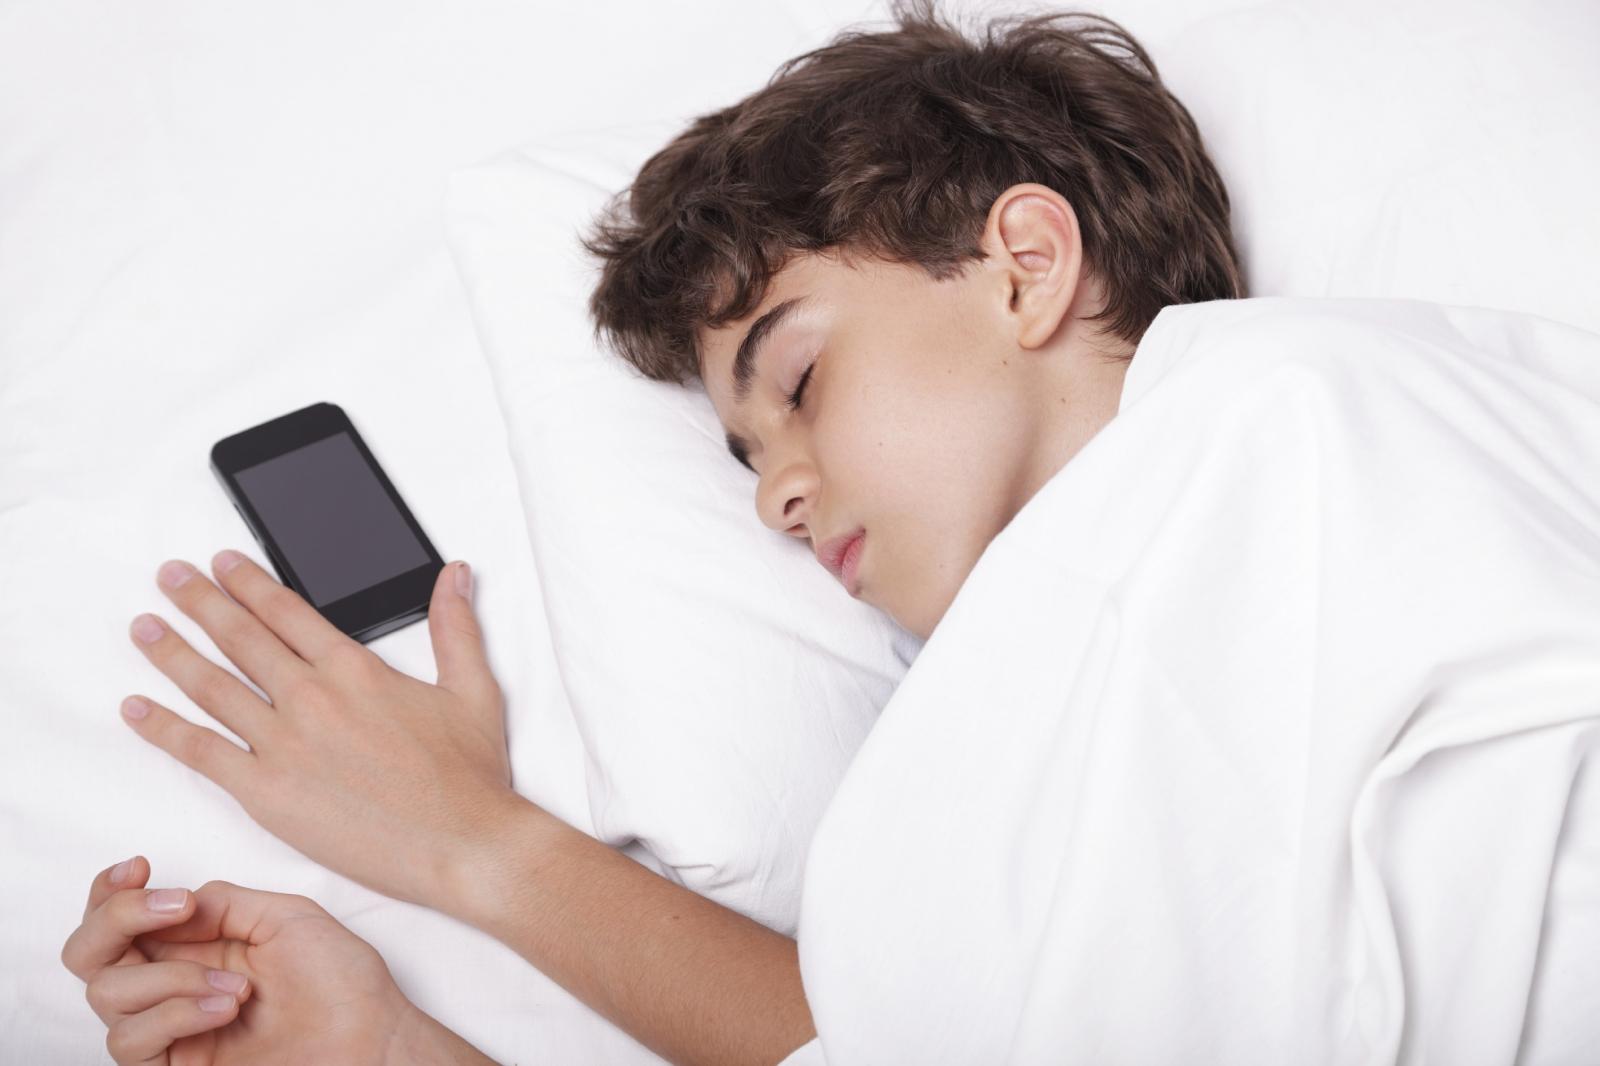 картинка засыпать с телефоном